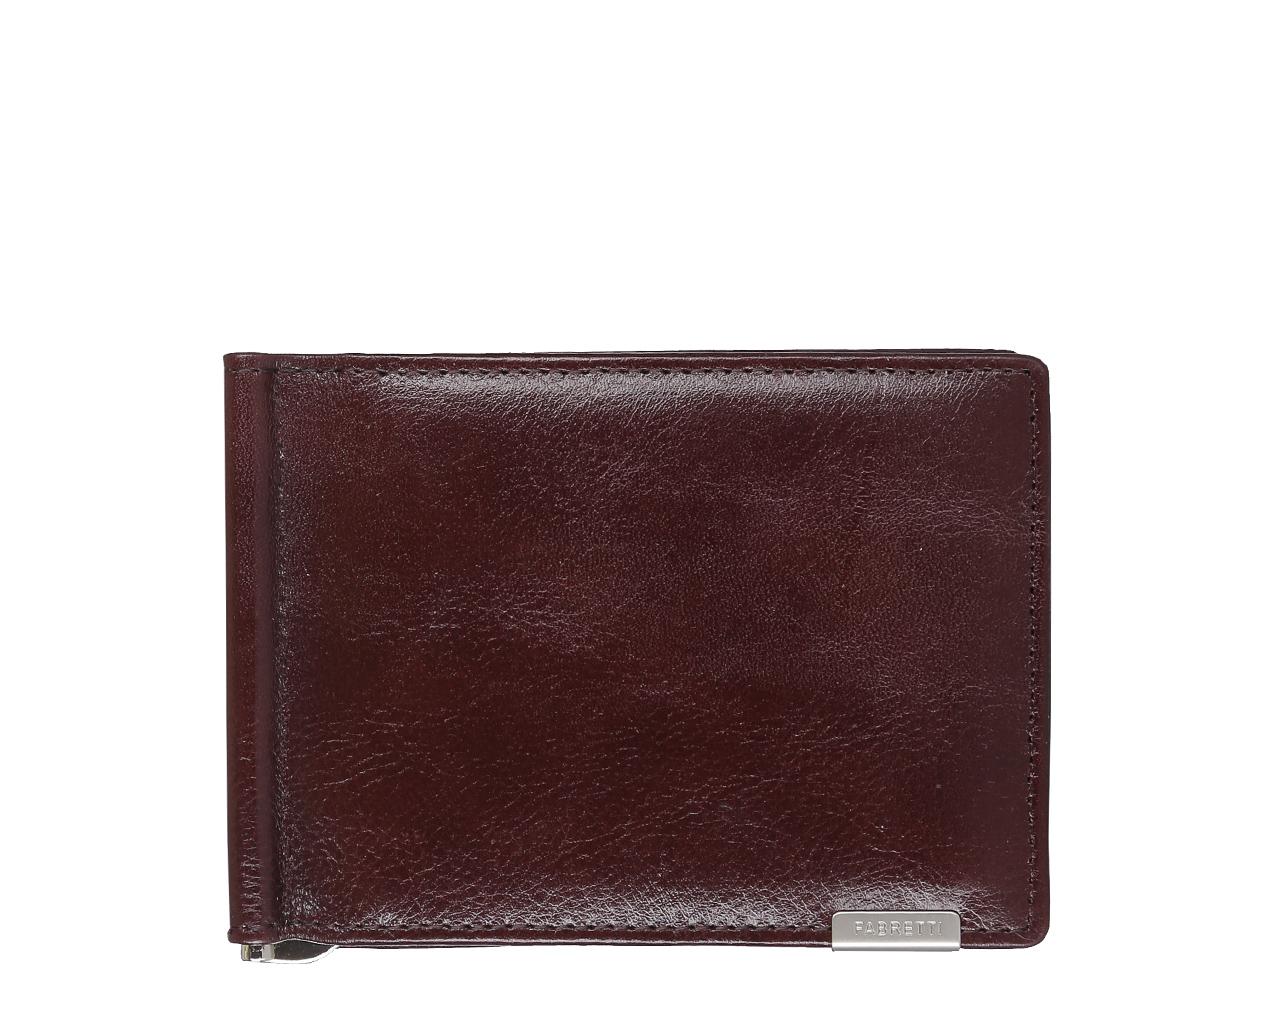 Зажим для денежных банкнот мужской Fabretti, цвет: красно-коричневый. 32006BM8434-58AEМужской зажим для денег Fabretti выполнен из натуральной кожи. Внутри 6 отделений для кредитных карт, зажим для купюр. На тыльной стороне расположено отделение для монет с клапаном на кнопке.